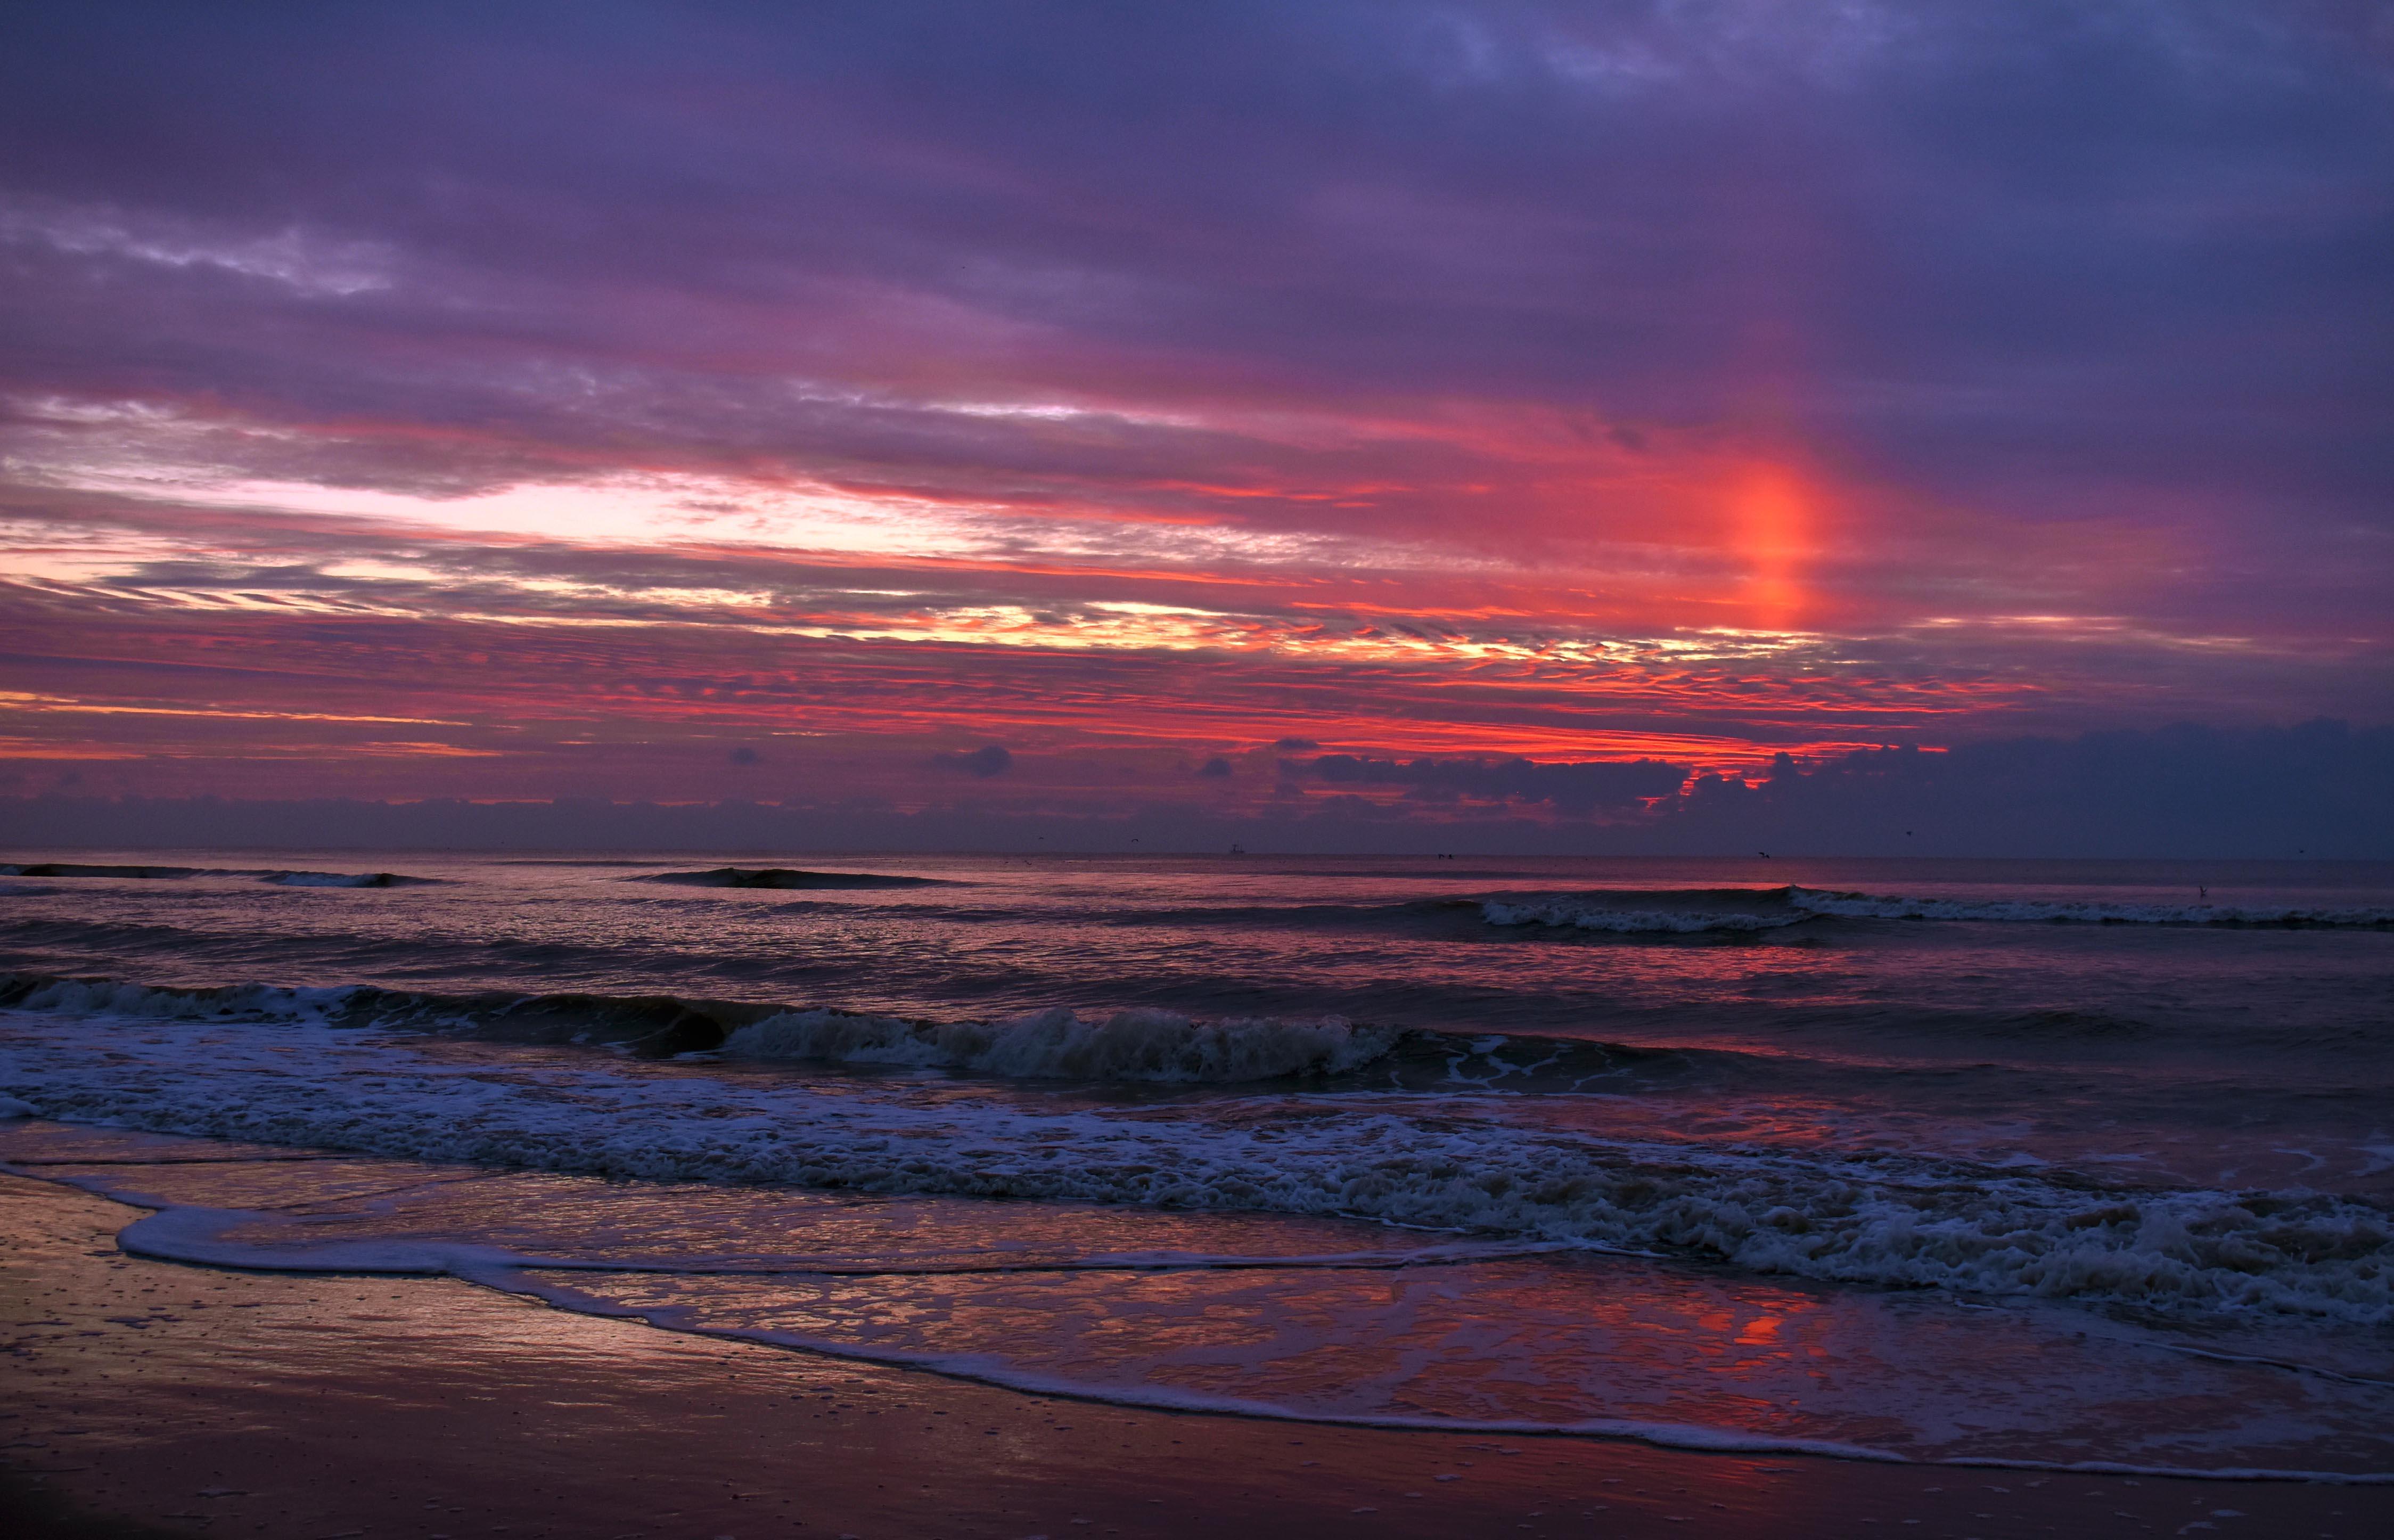 Een kleurrijke avondhemel op het strand van Zandvoort - Foto: ©Louis Fraanje